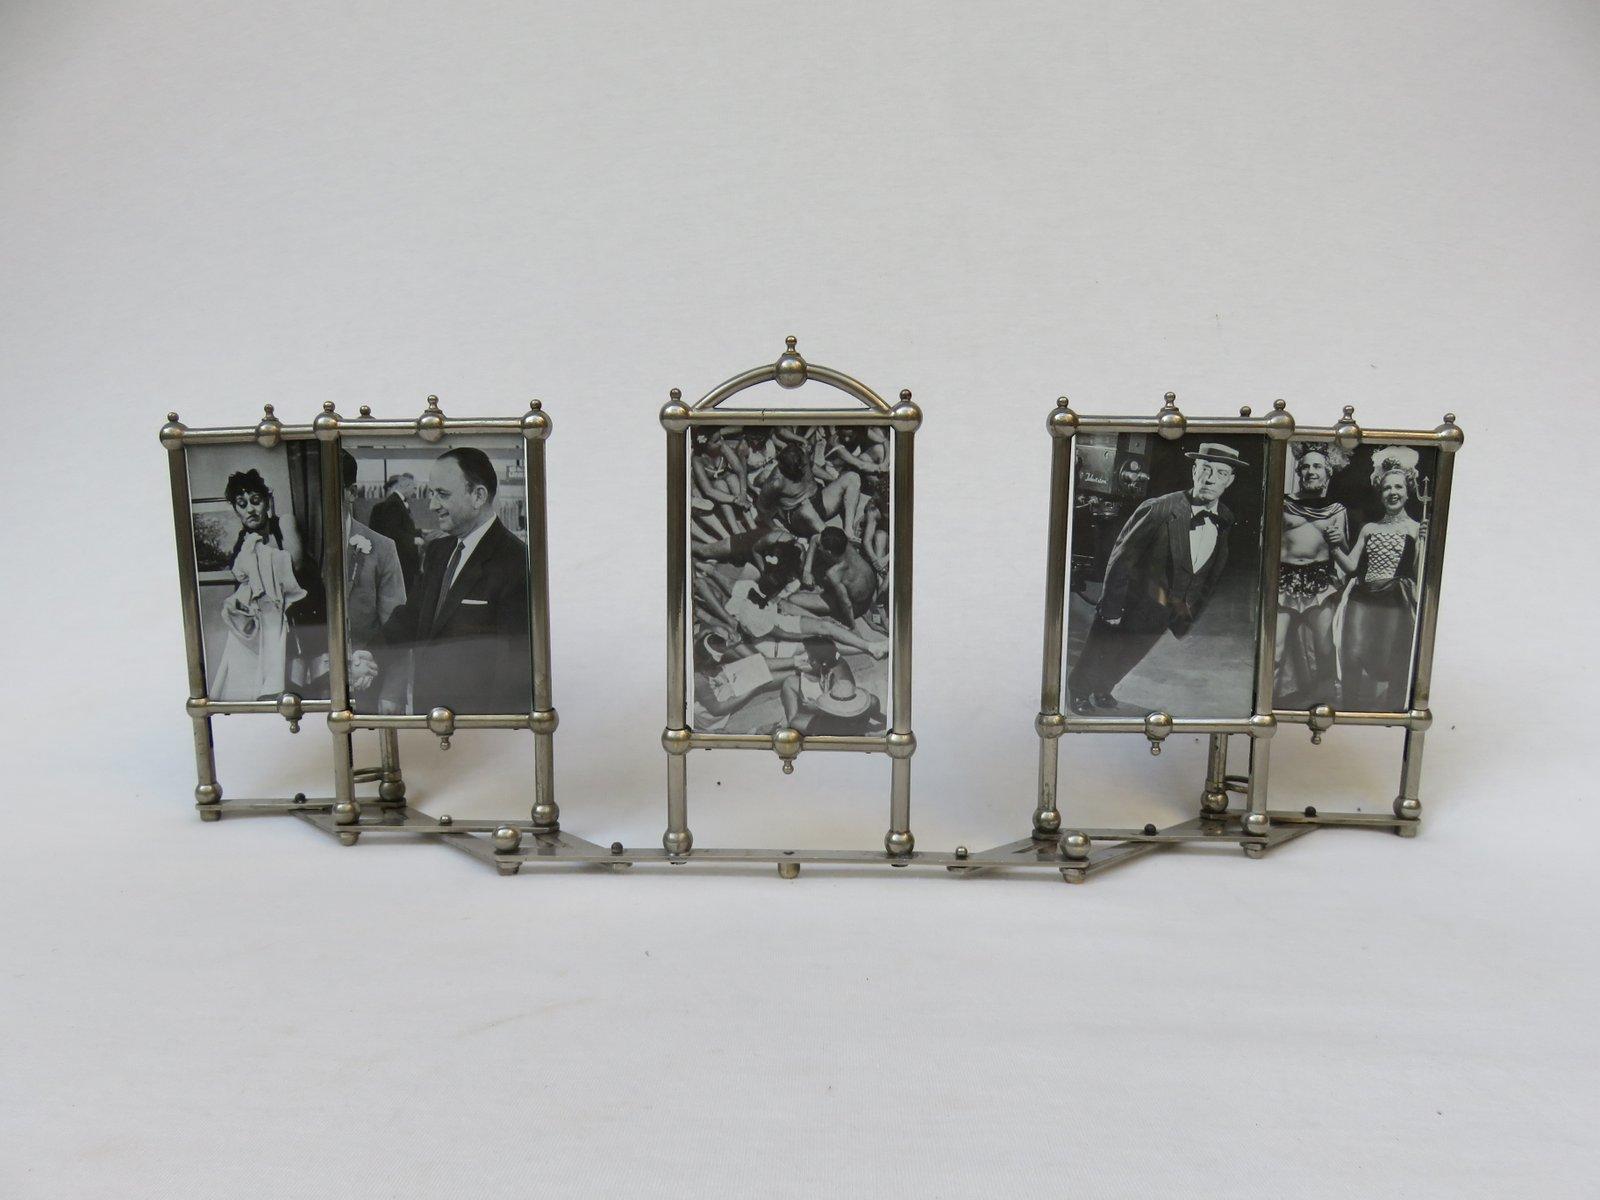 Vernickelter Jugendstil Rahmen für 5 Fotografien bei Pamono kaufen